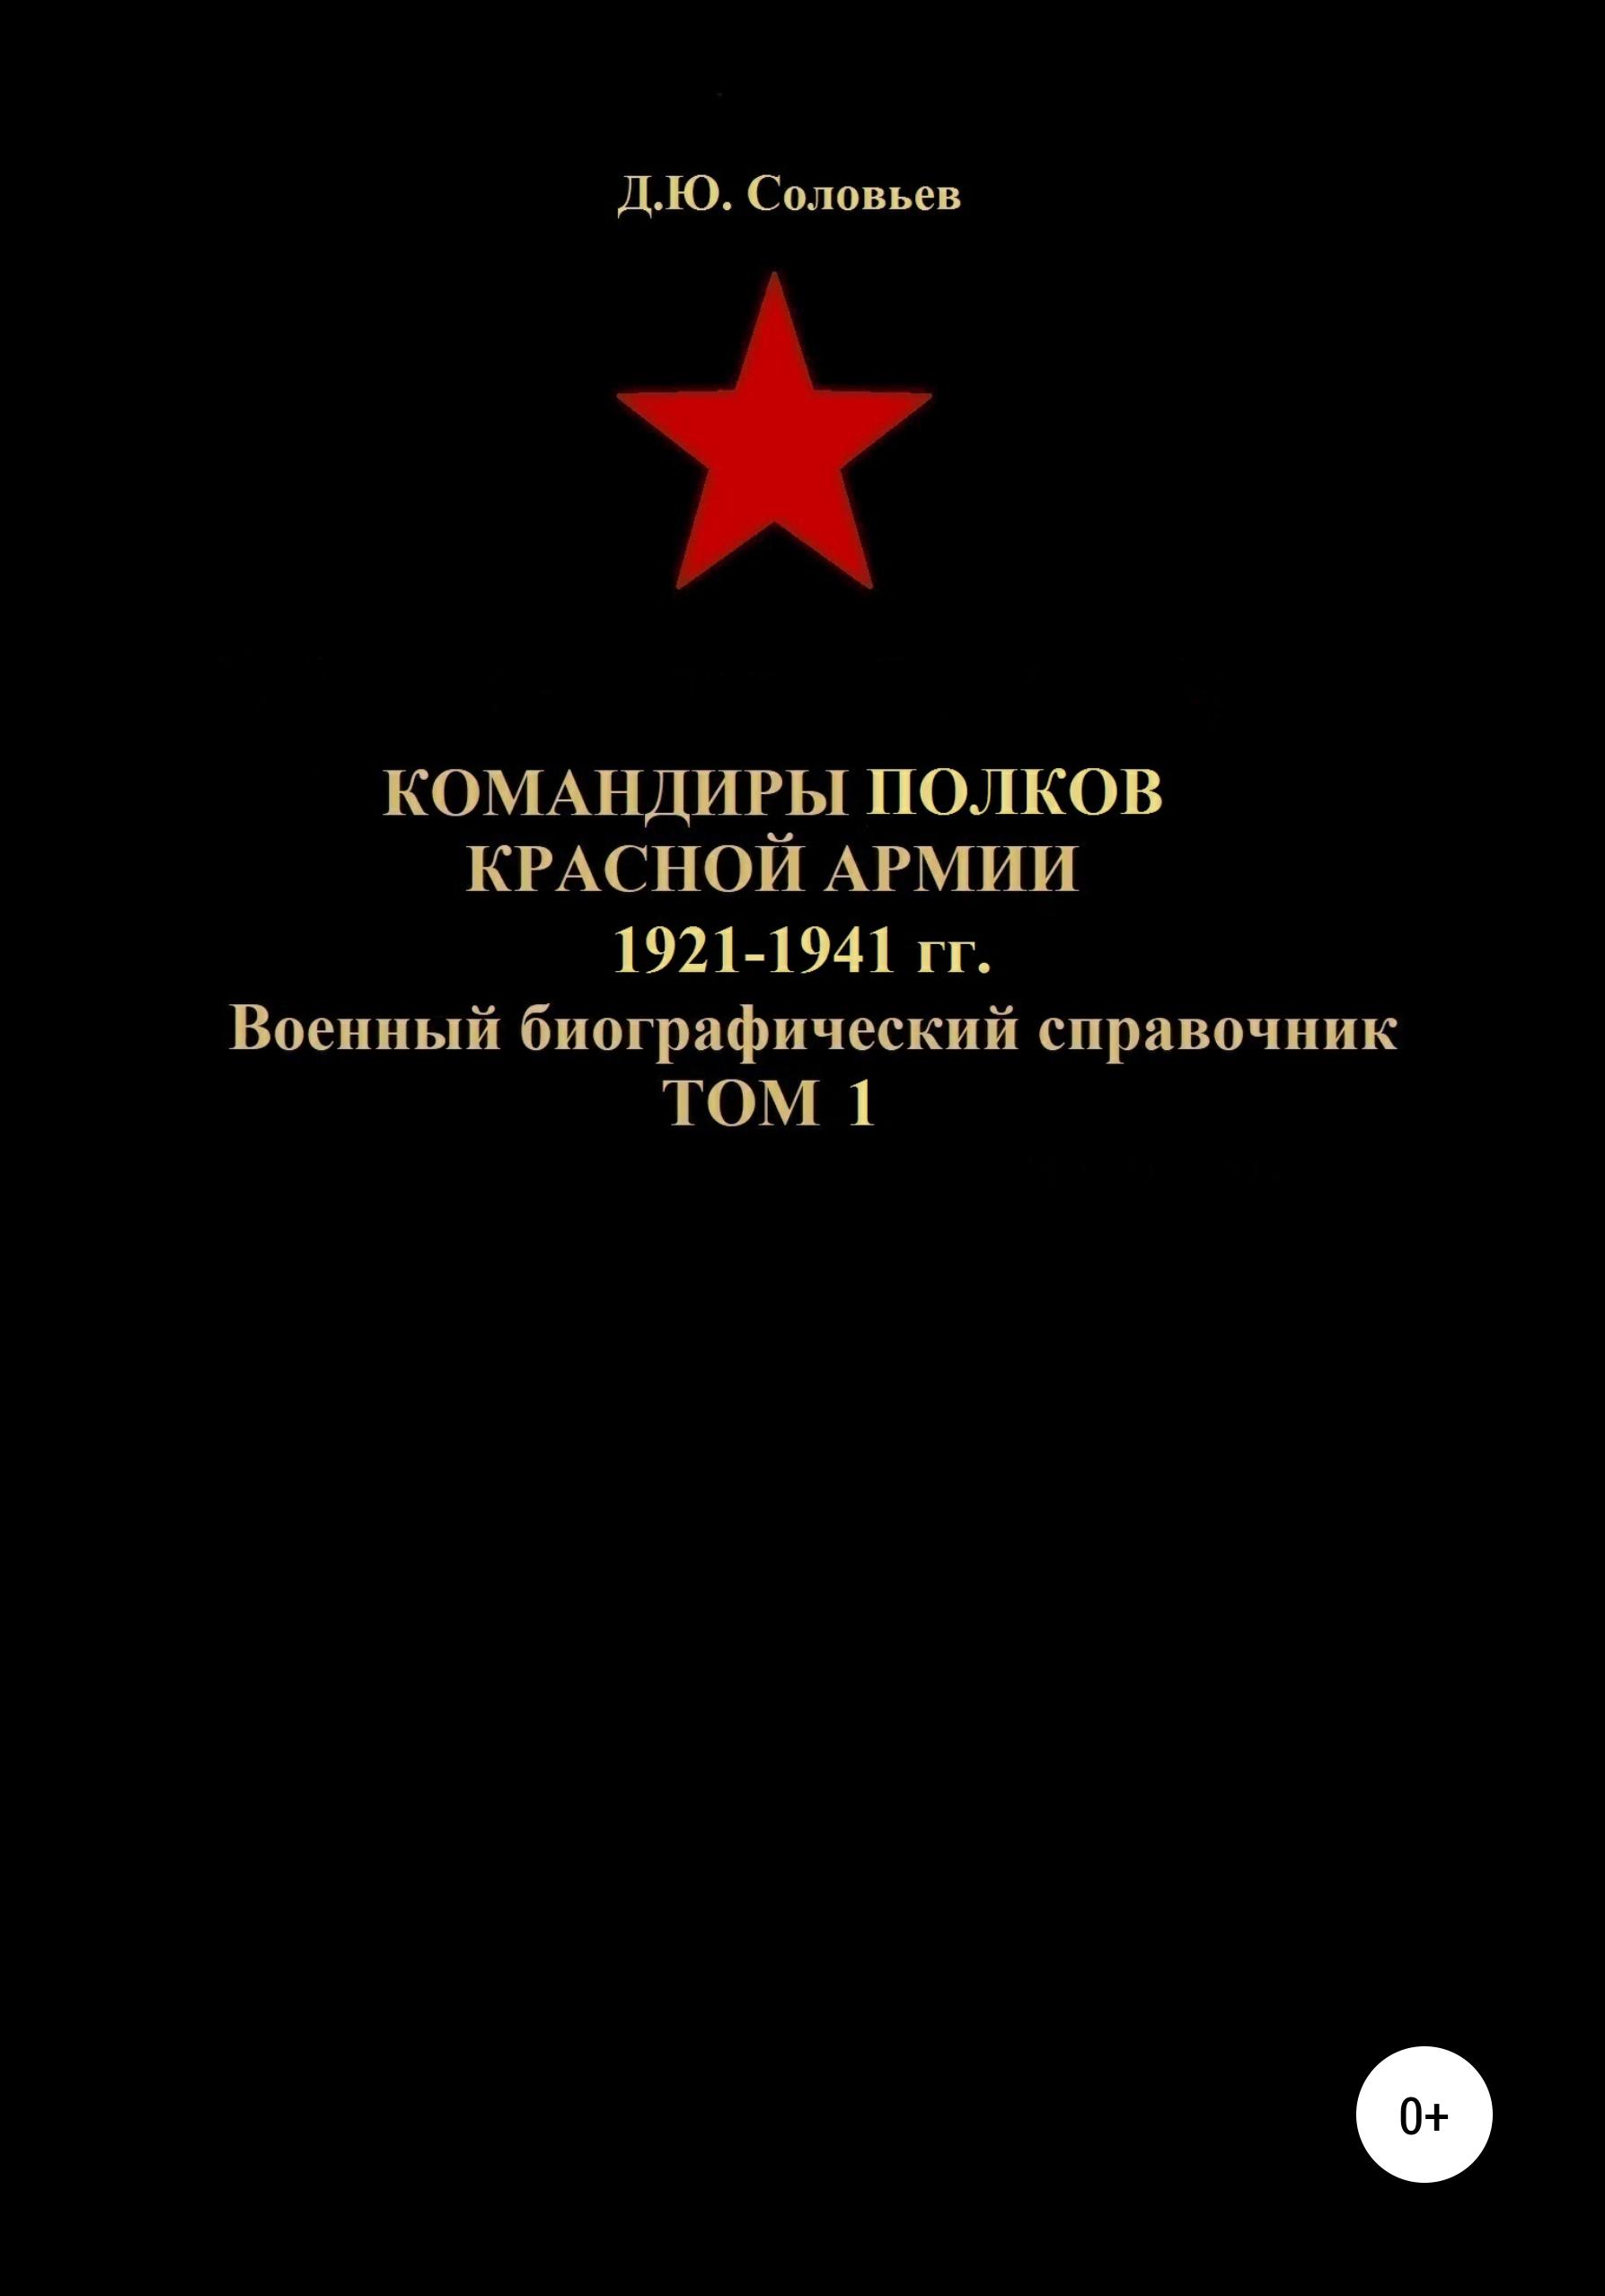 Командиры полков Красной Армии 1921-1941 гг. Том 1